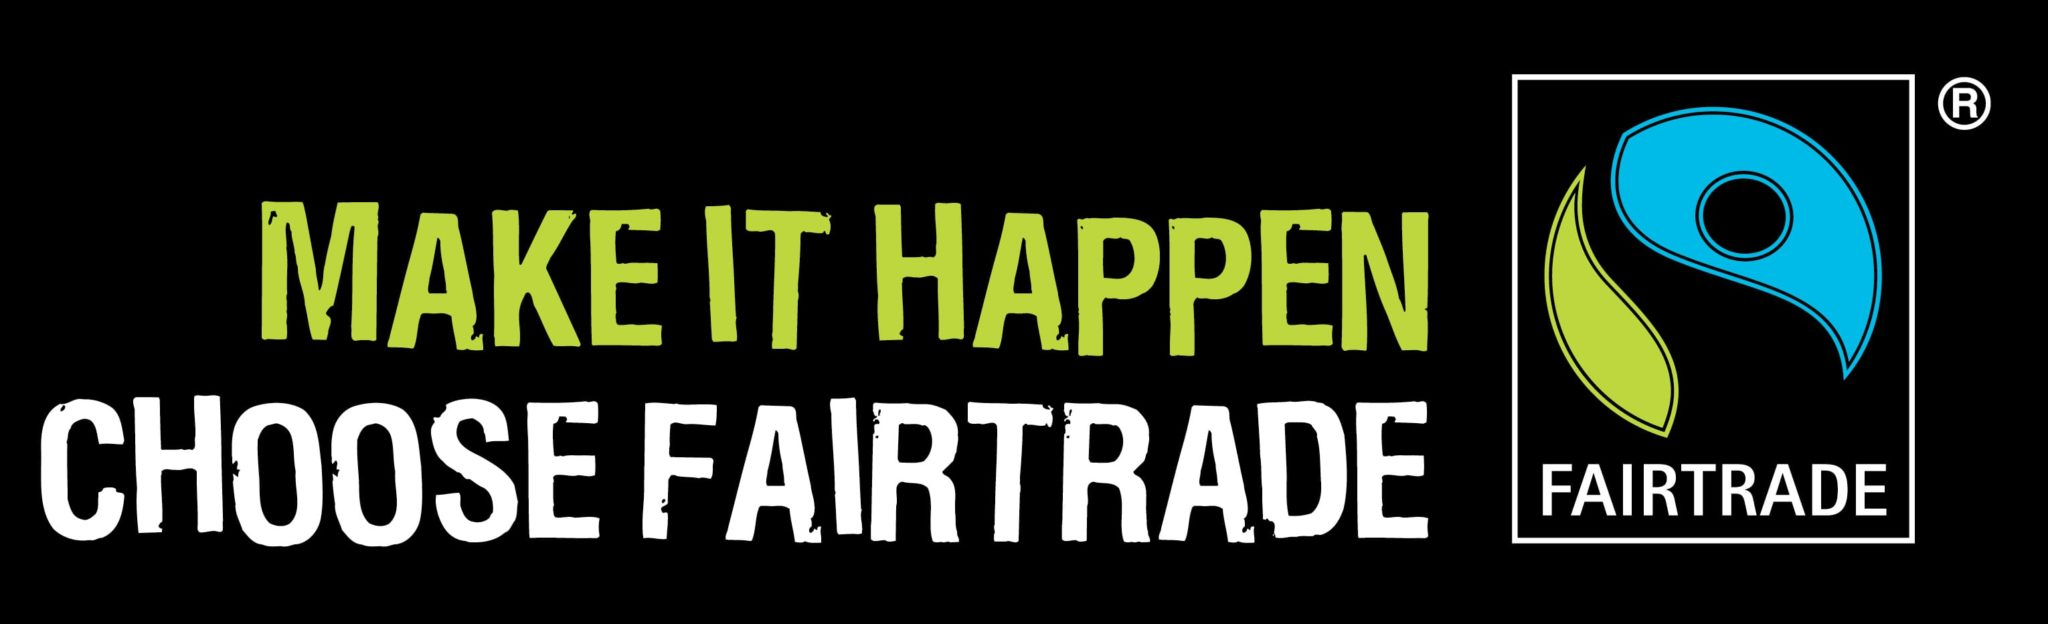 Fairtrade at Whitesides